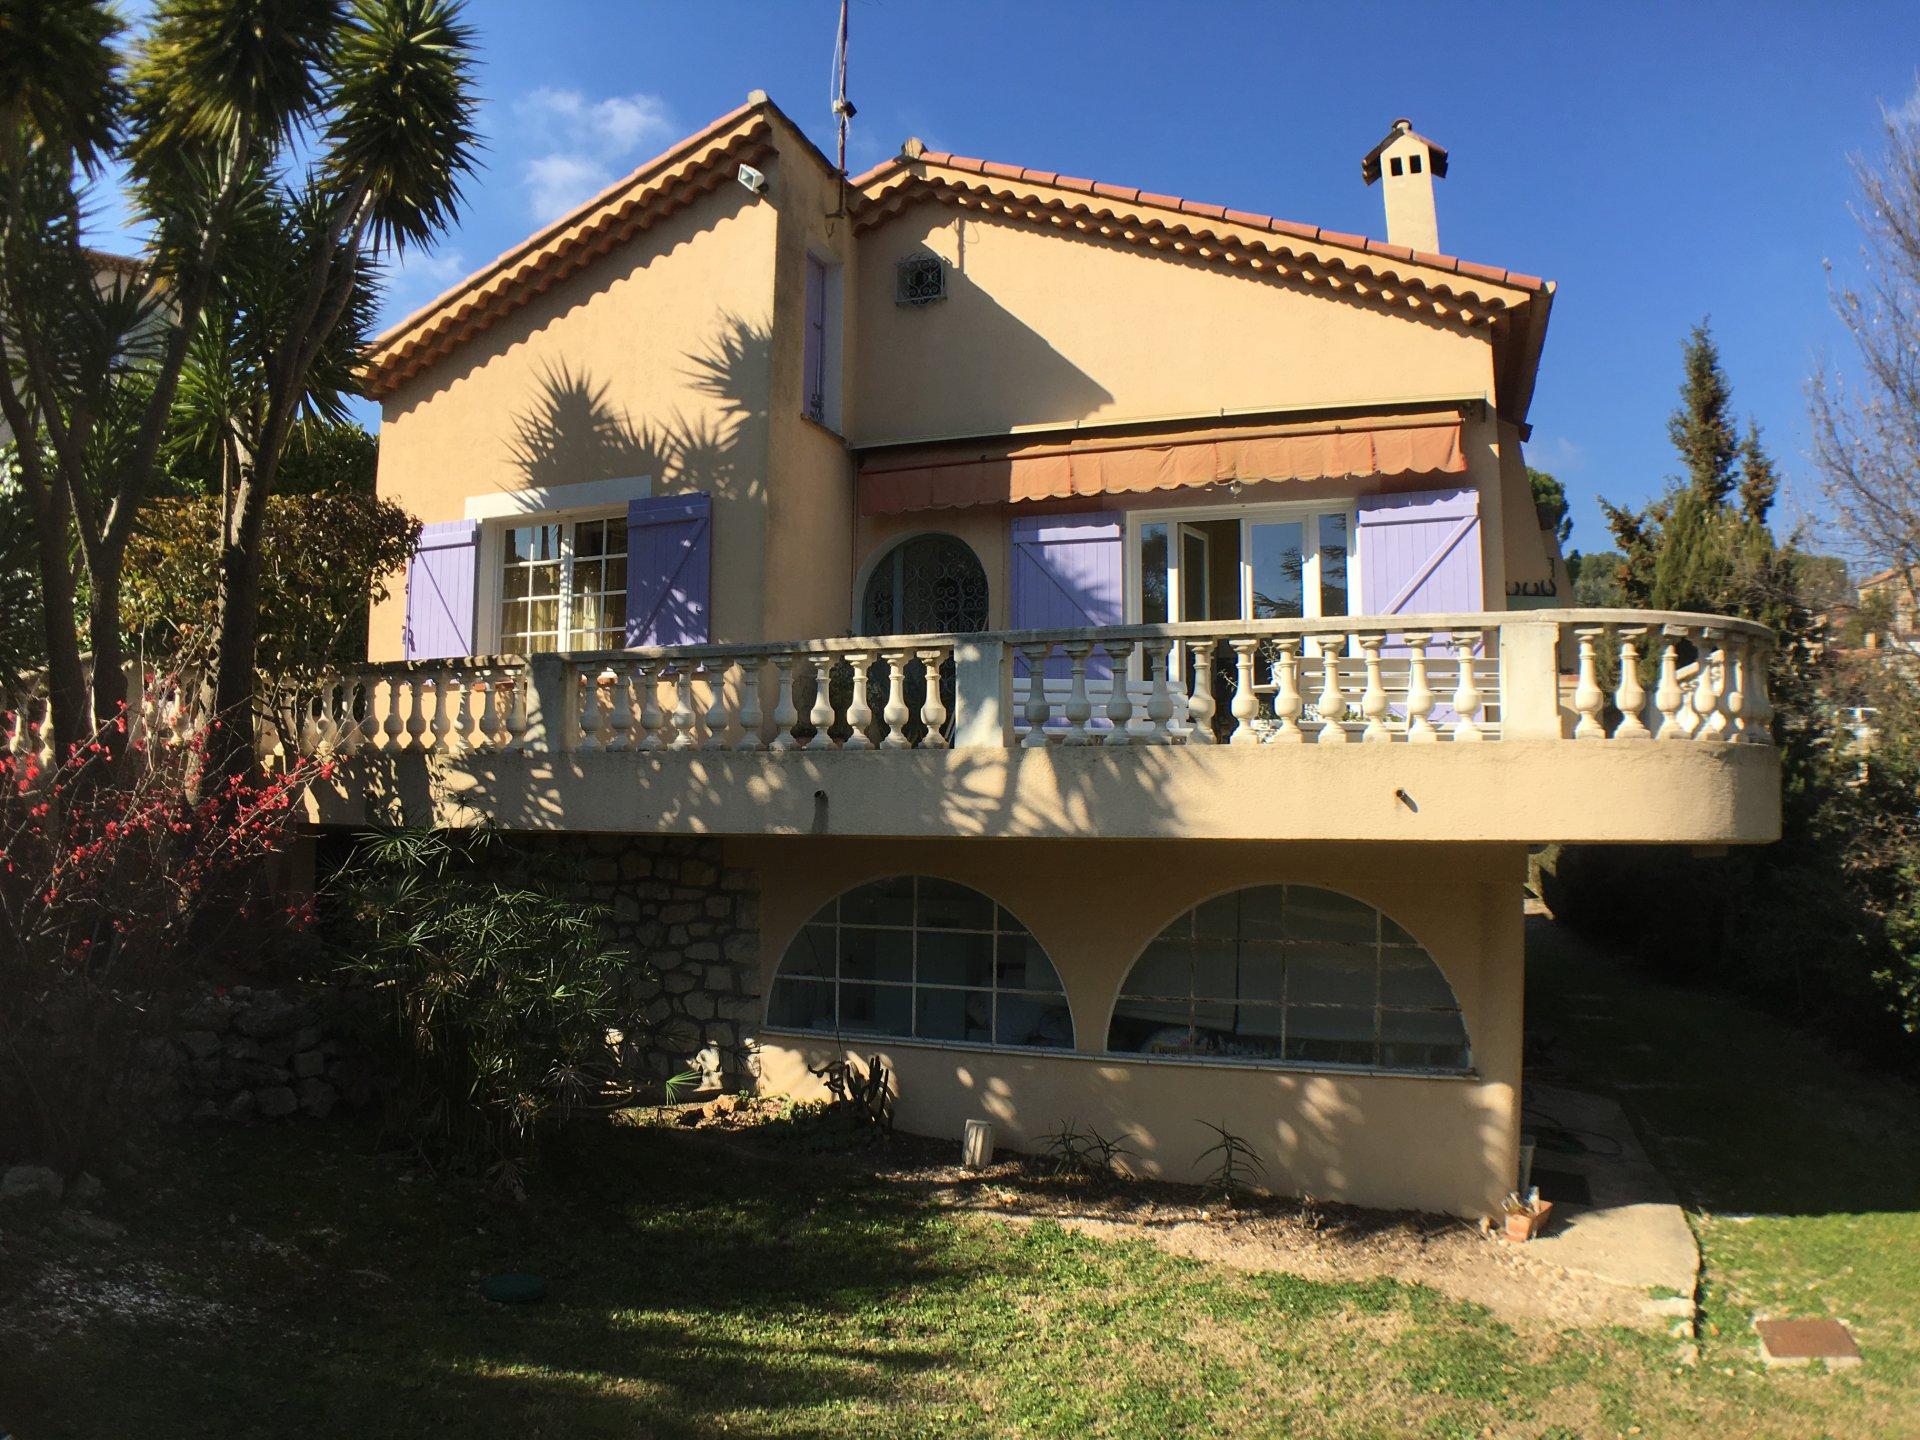 AZUR RIVIERA VILLA  8 P, composed 2 appartments, swimmingpool